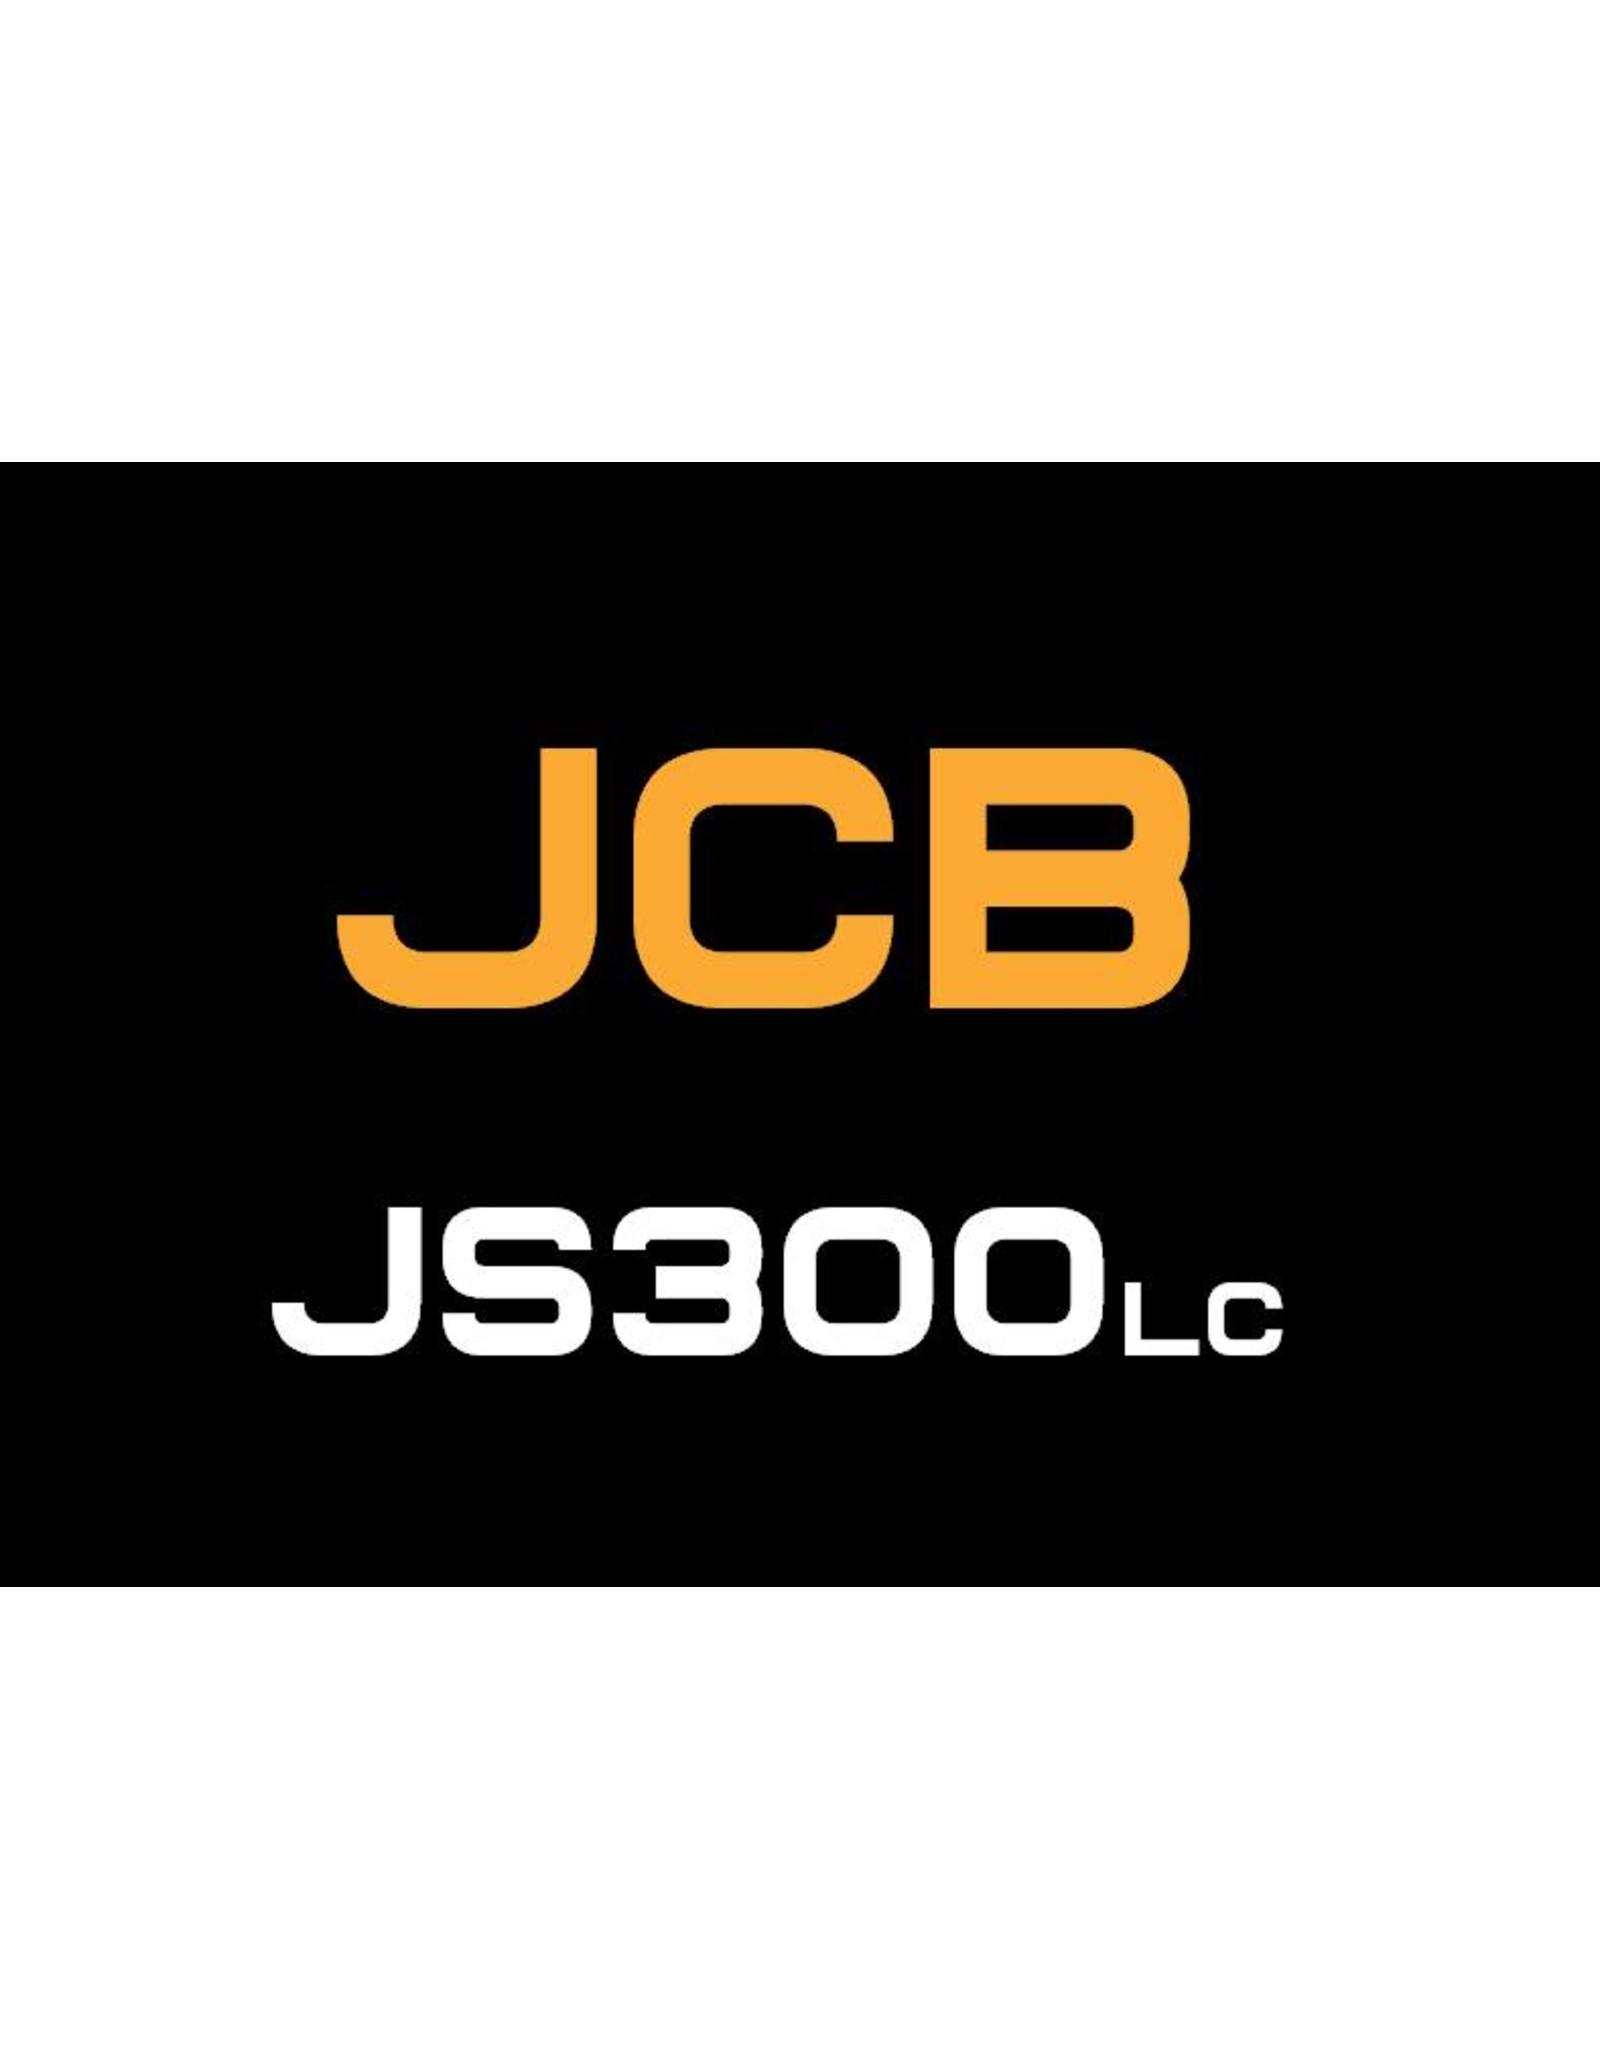 Echle Hartstahl GmbH FOPS pour JCB JS300LC